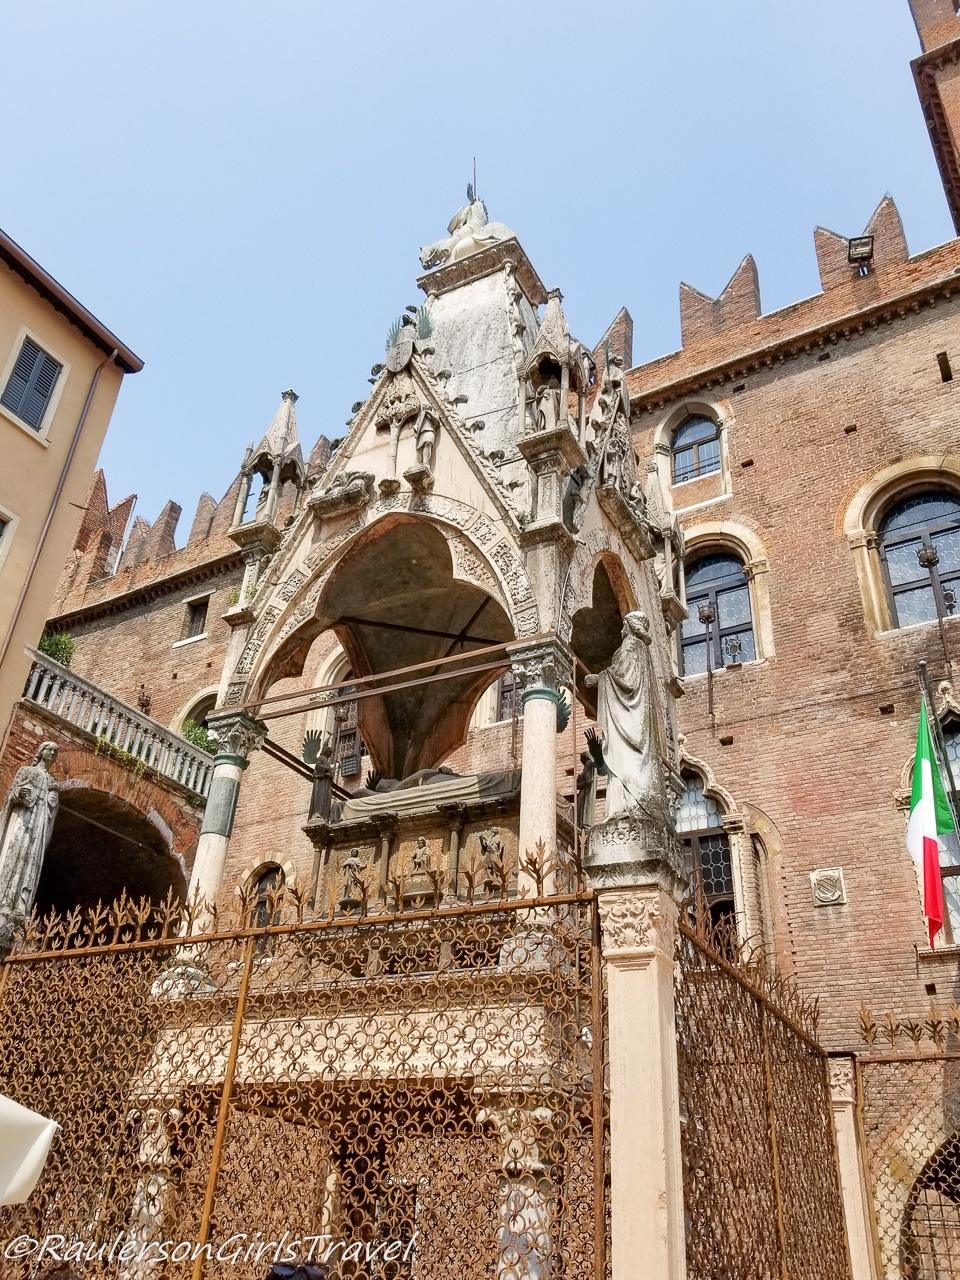 tomb of Cansignorio Mastino III in Verona